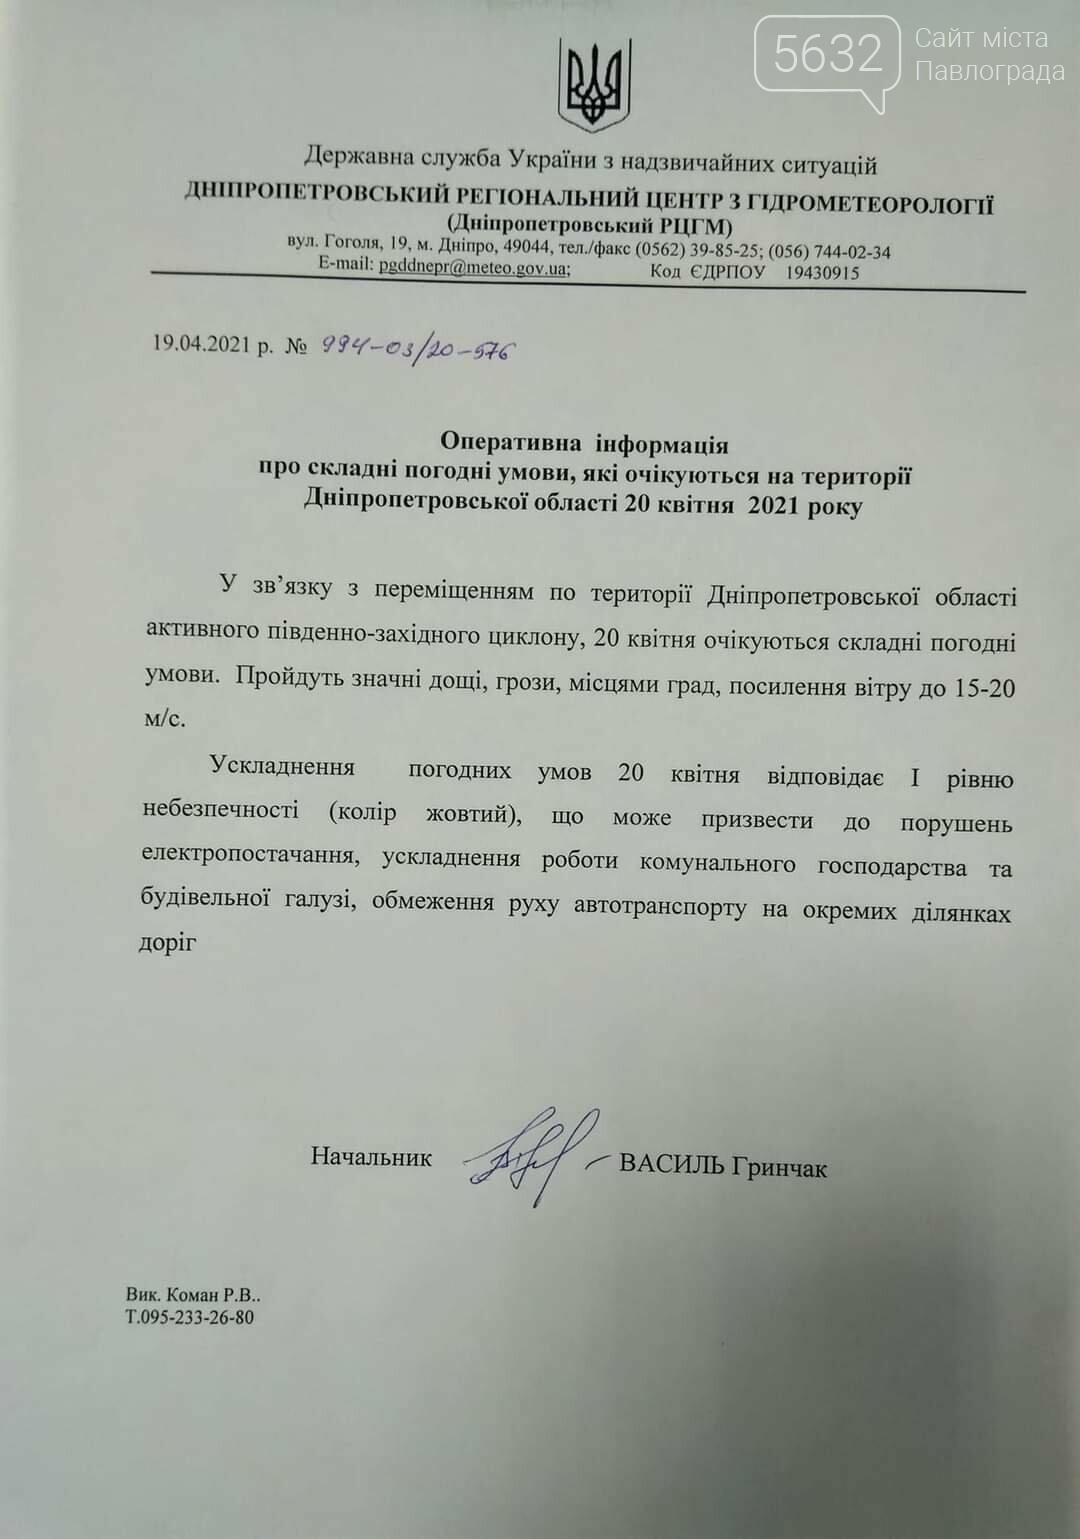 На Днепропетровщину надвигается циклон: ожидаются сложные погодные условия, фото-1